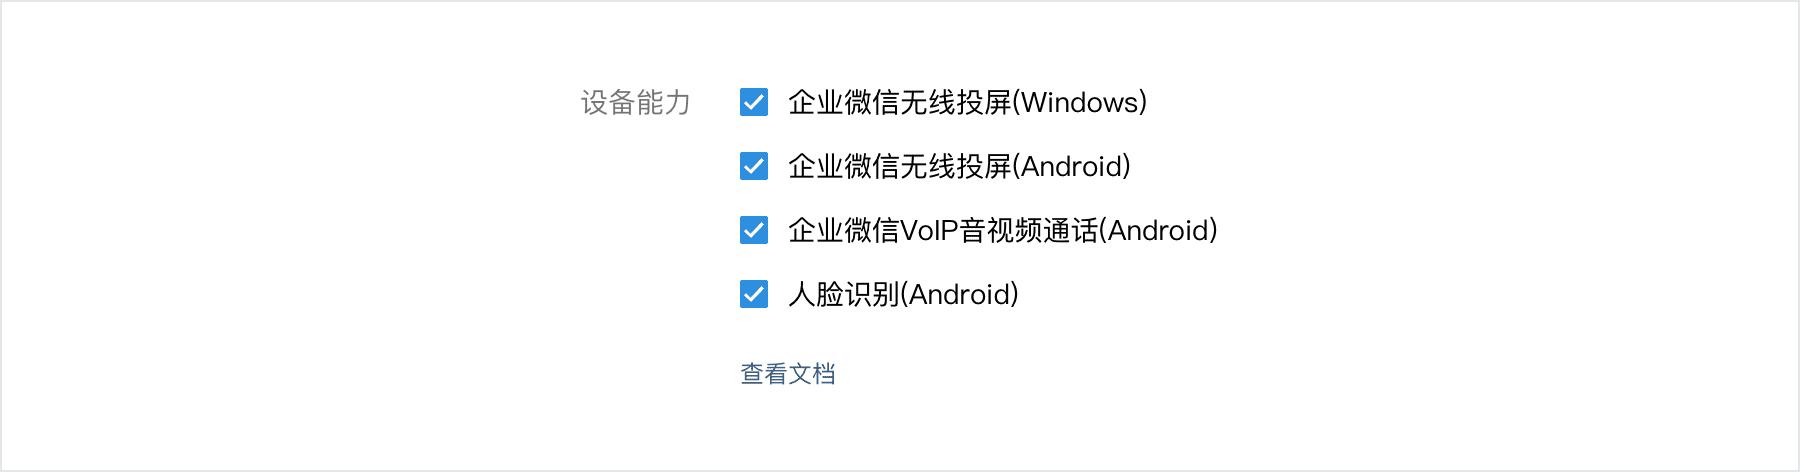 企业微信支持的设备能力